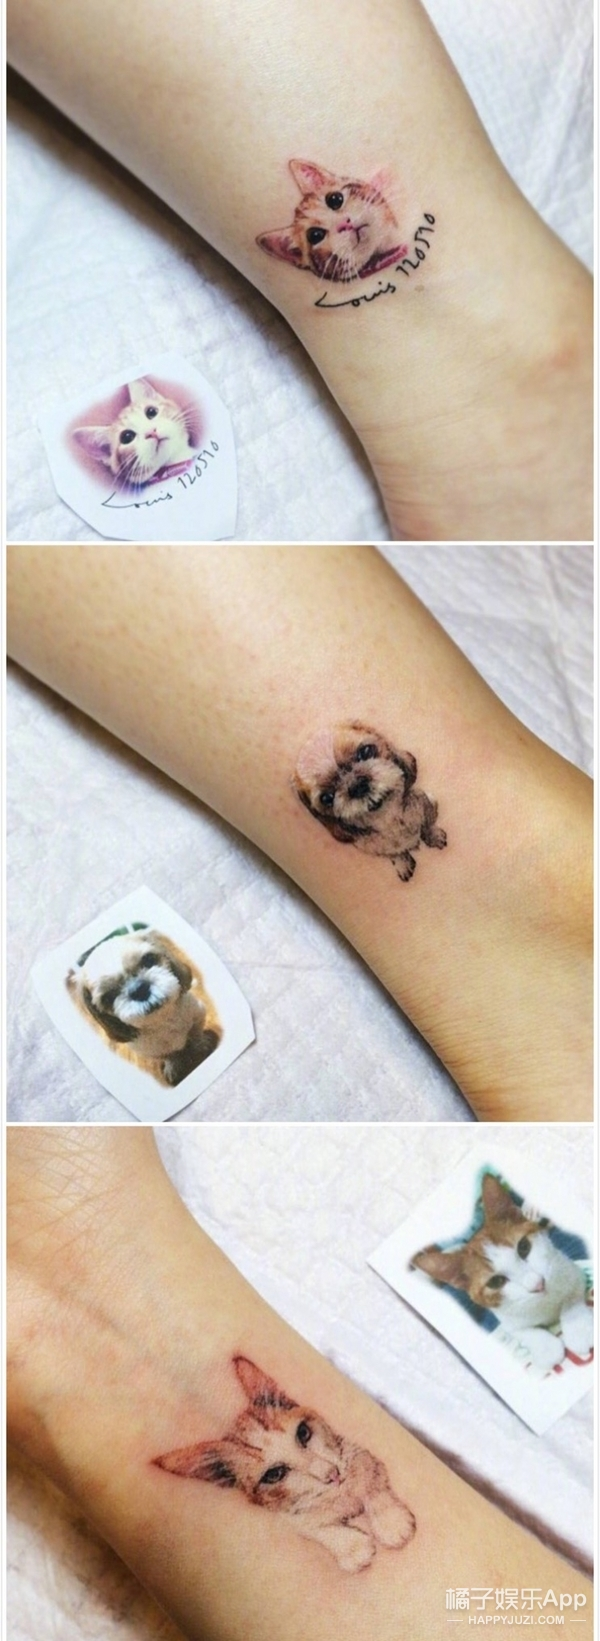 这些萌萌的小动物纹身,是仙女们的最佳选择!